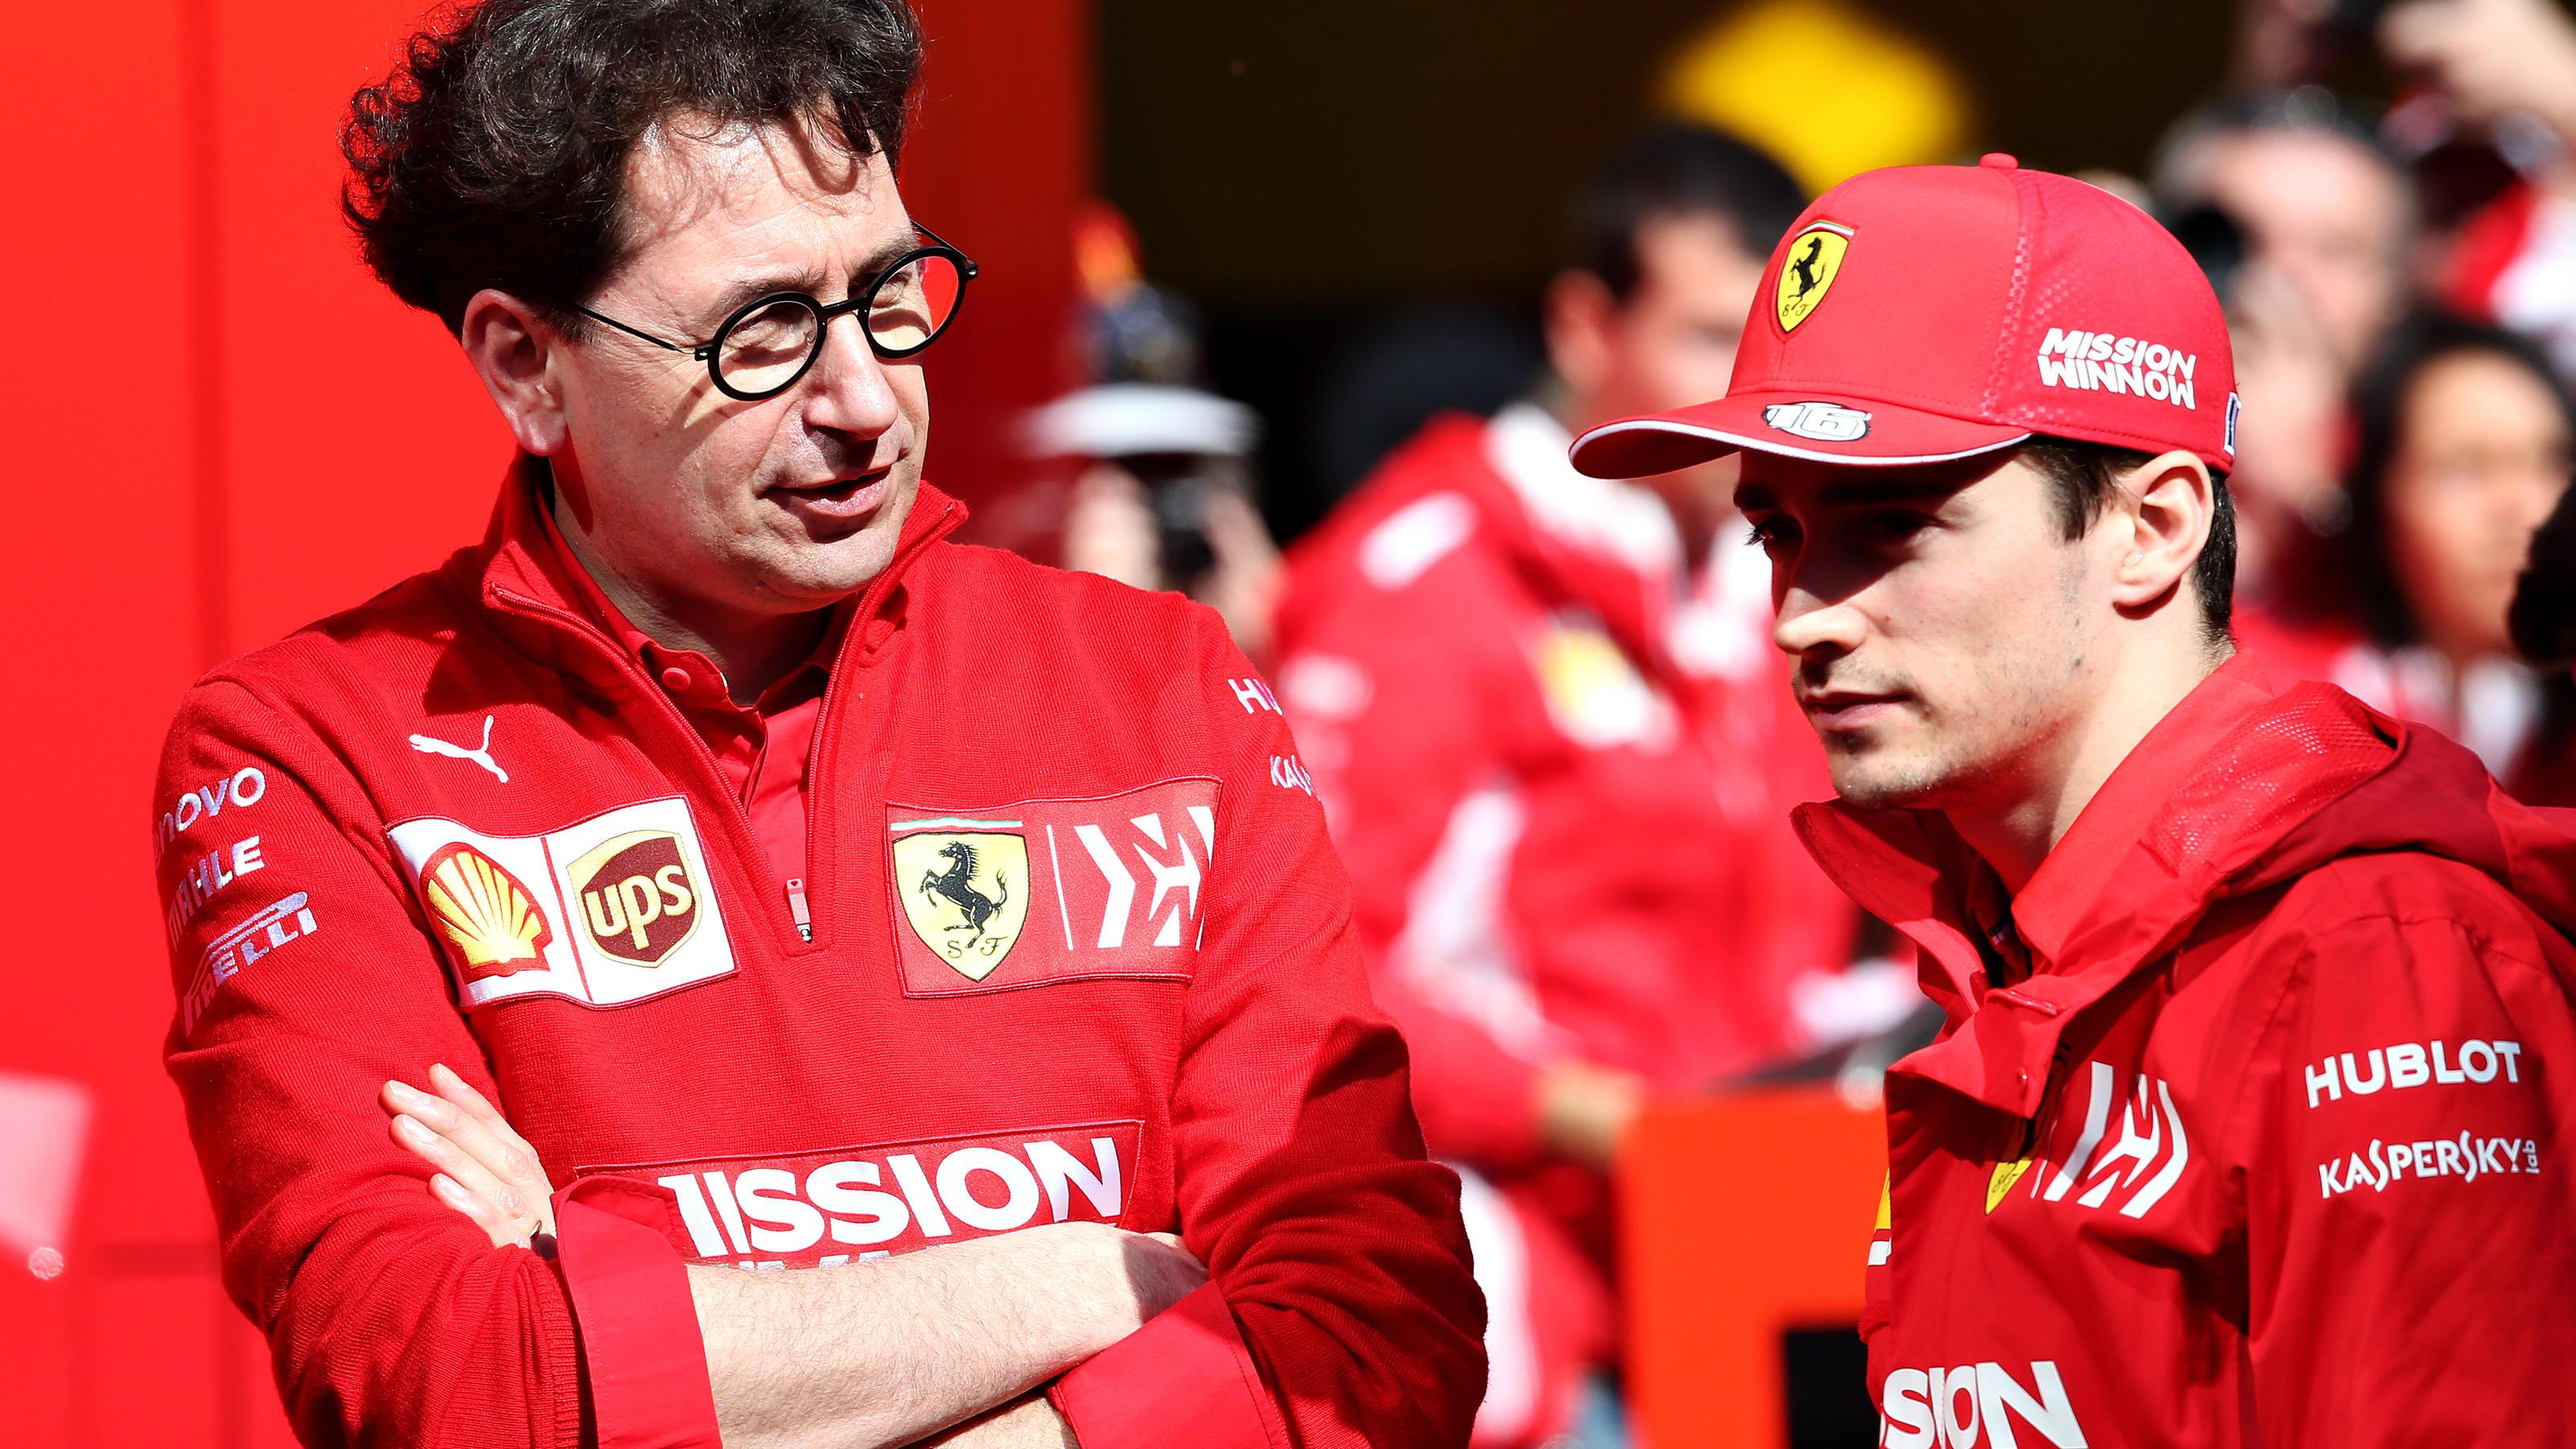 """Mattia Binotto und Charles Leclerc: Ferrari-Updates gehen """"in die richtige Richtung"""""""